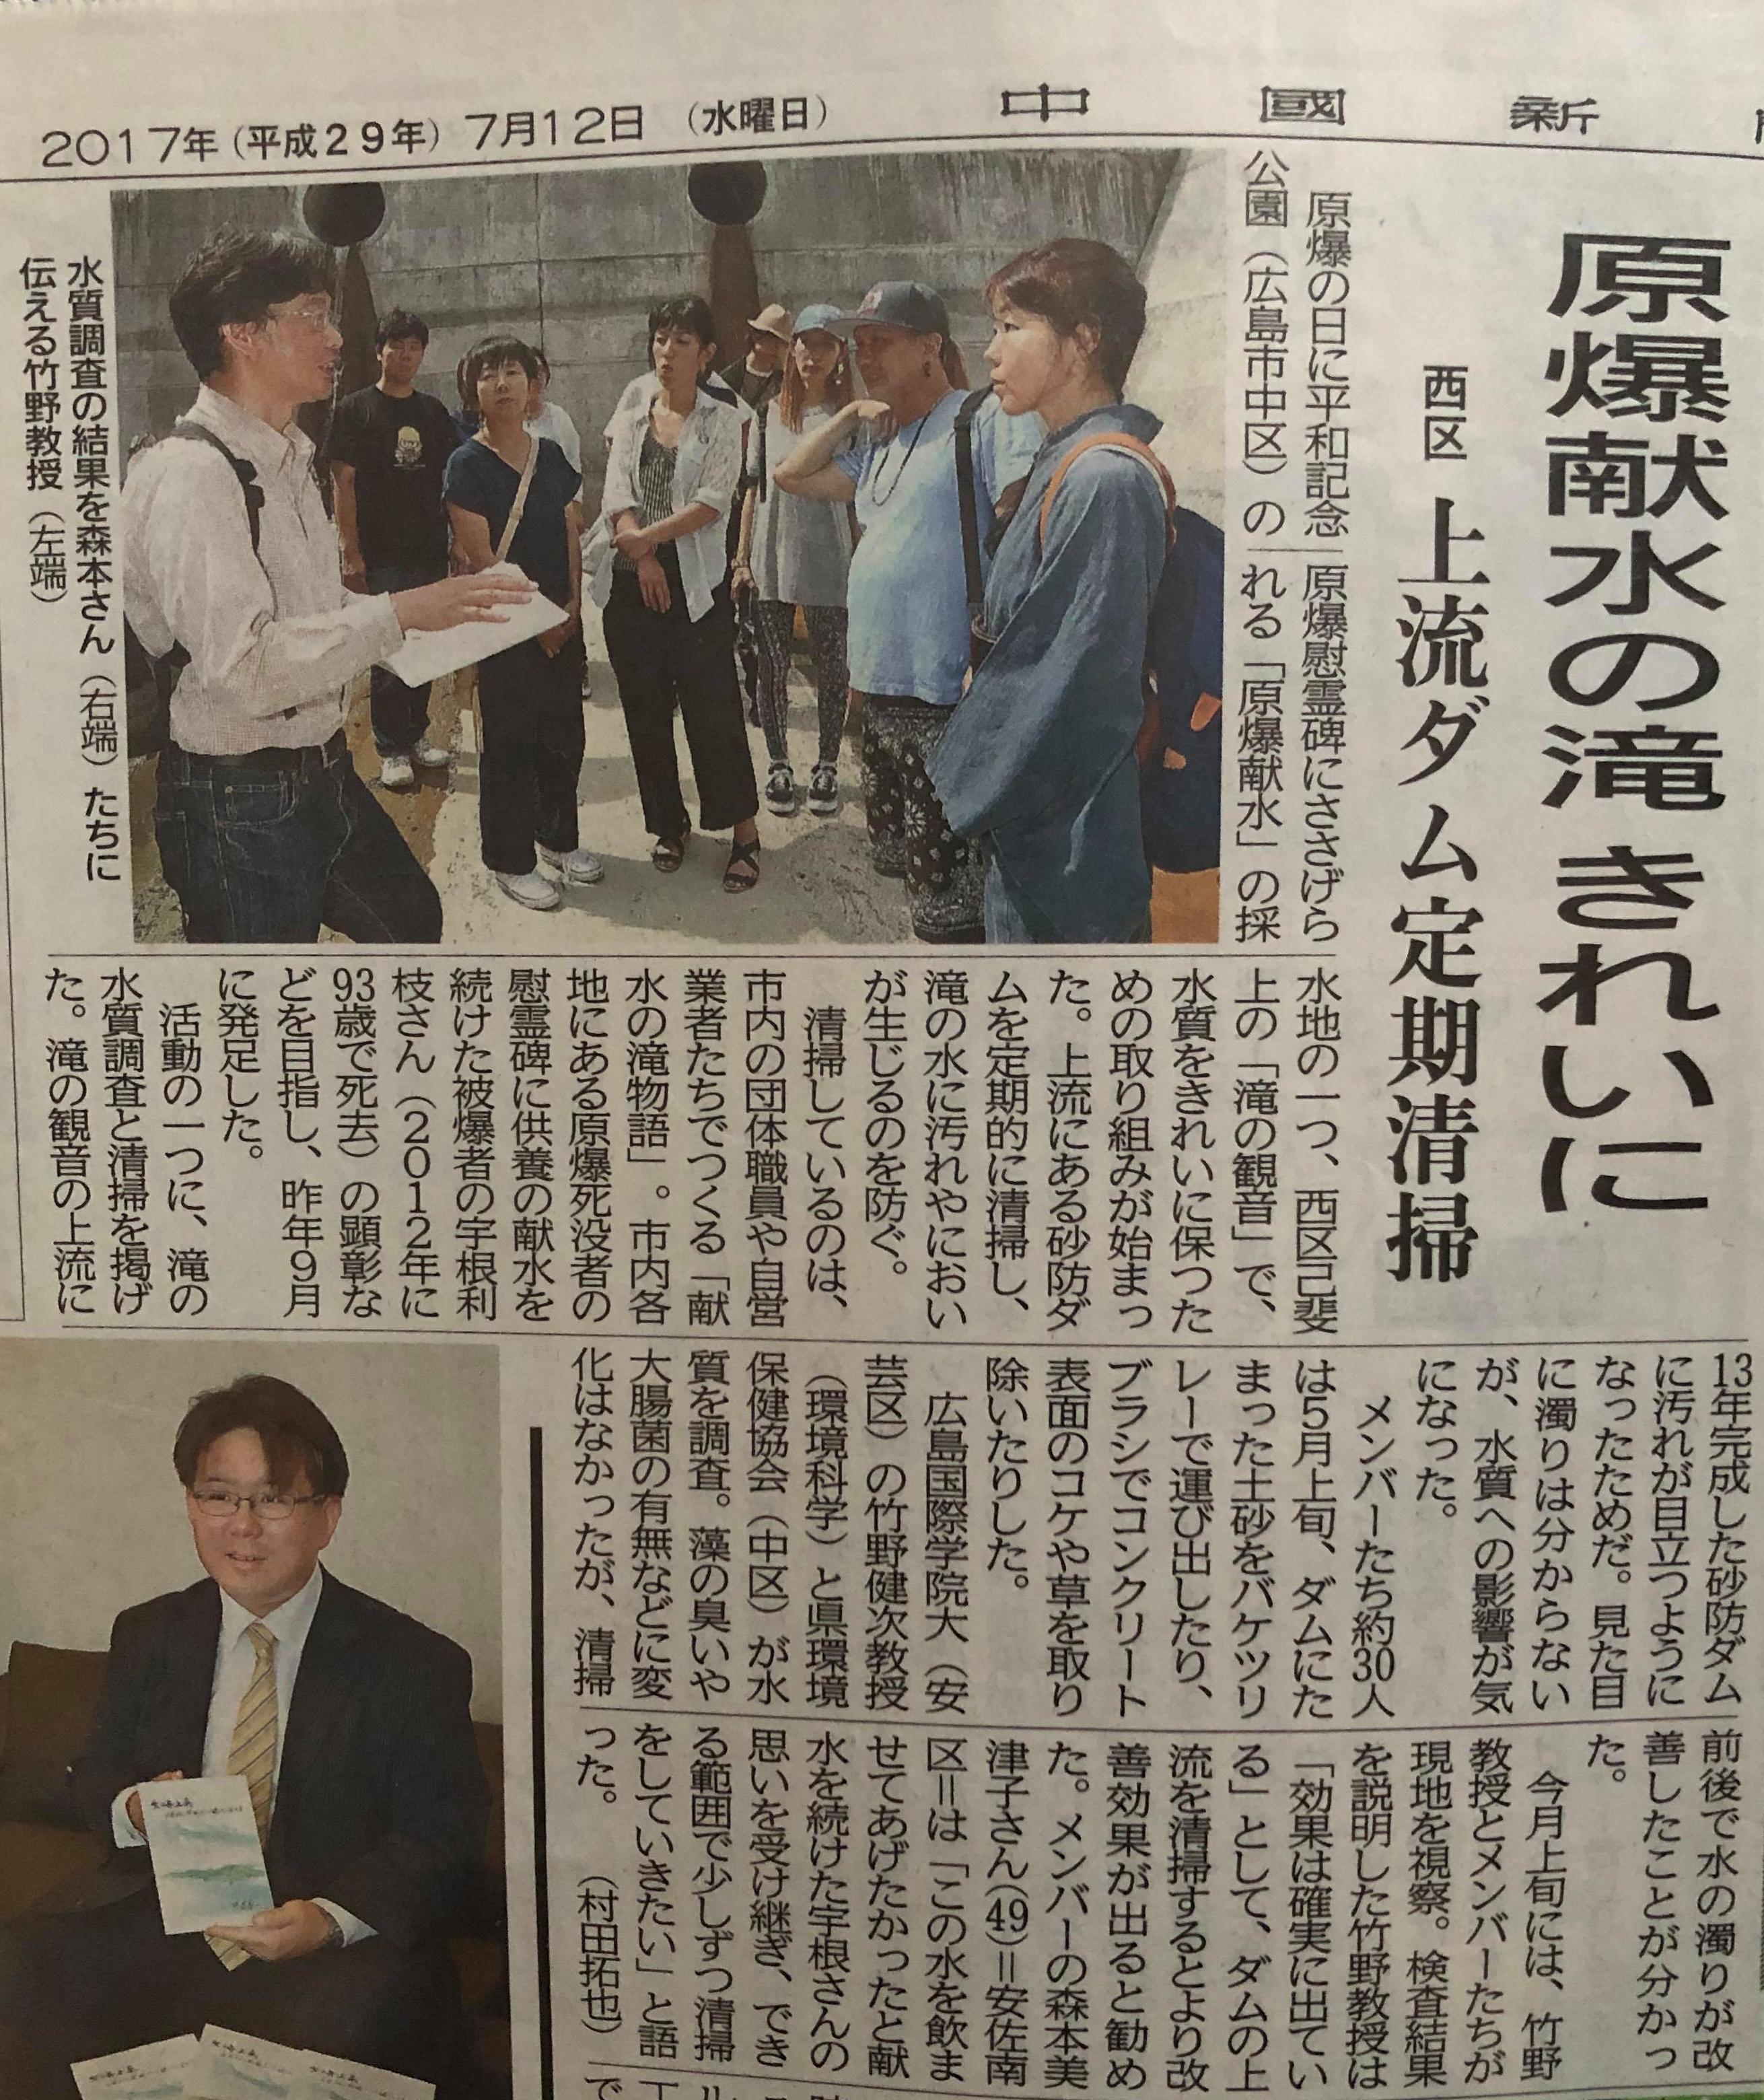 2017年7月中国新聞